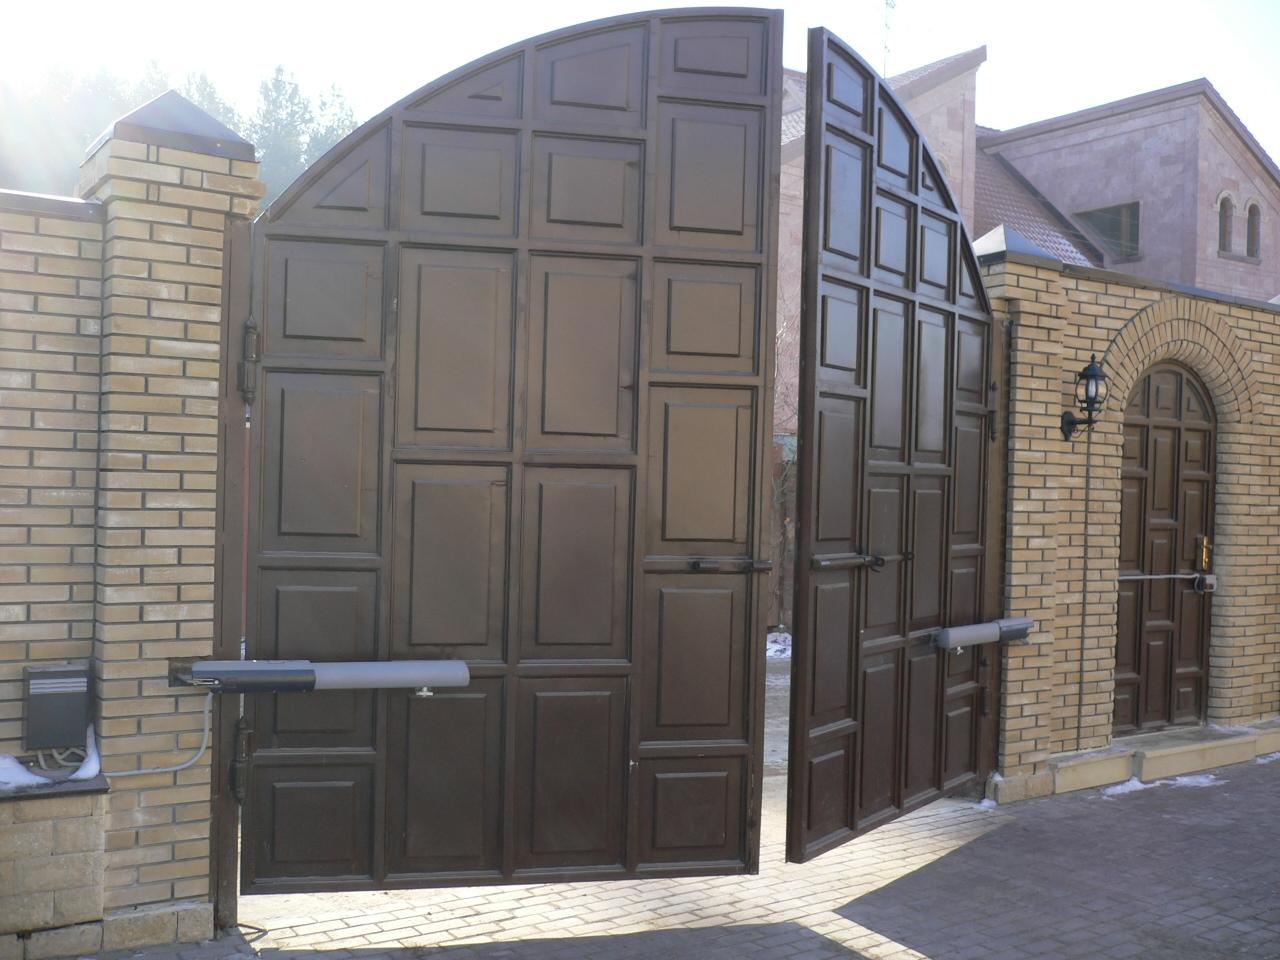 Ворота для дома автоматические гранд лайн ворота с калиткой